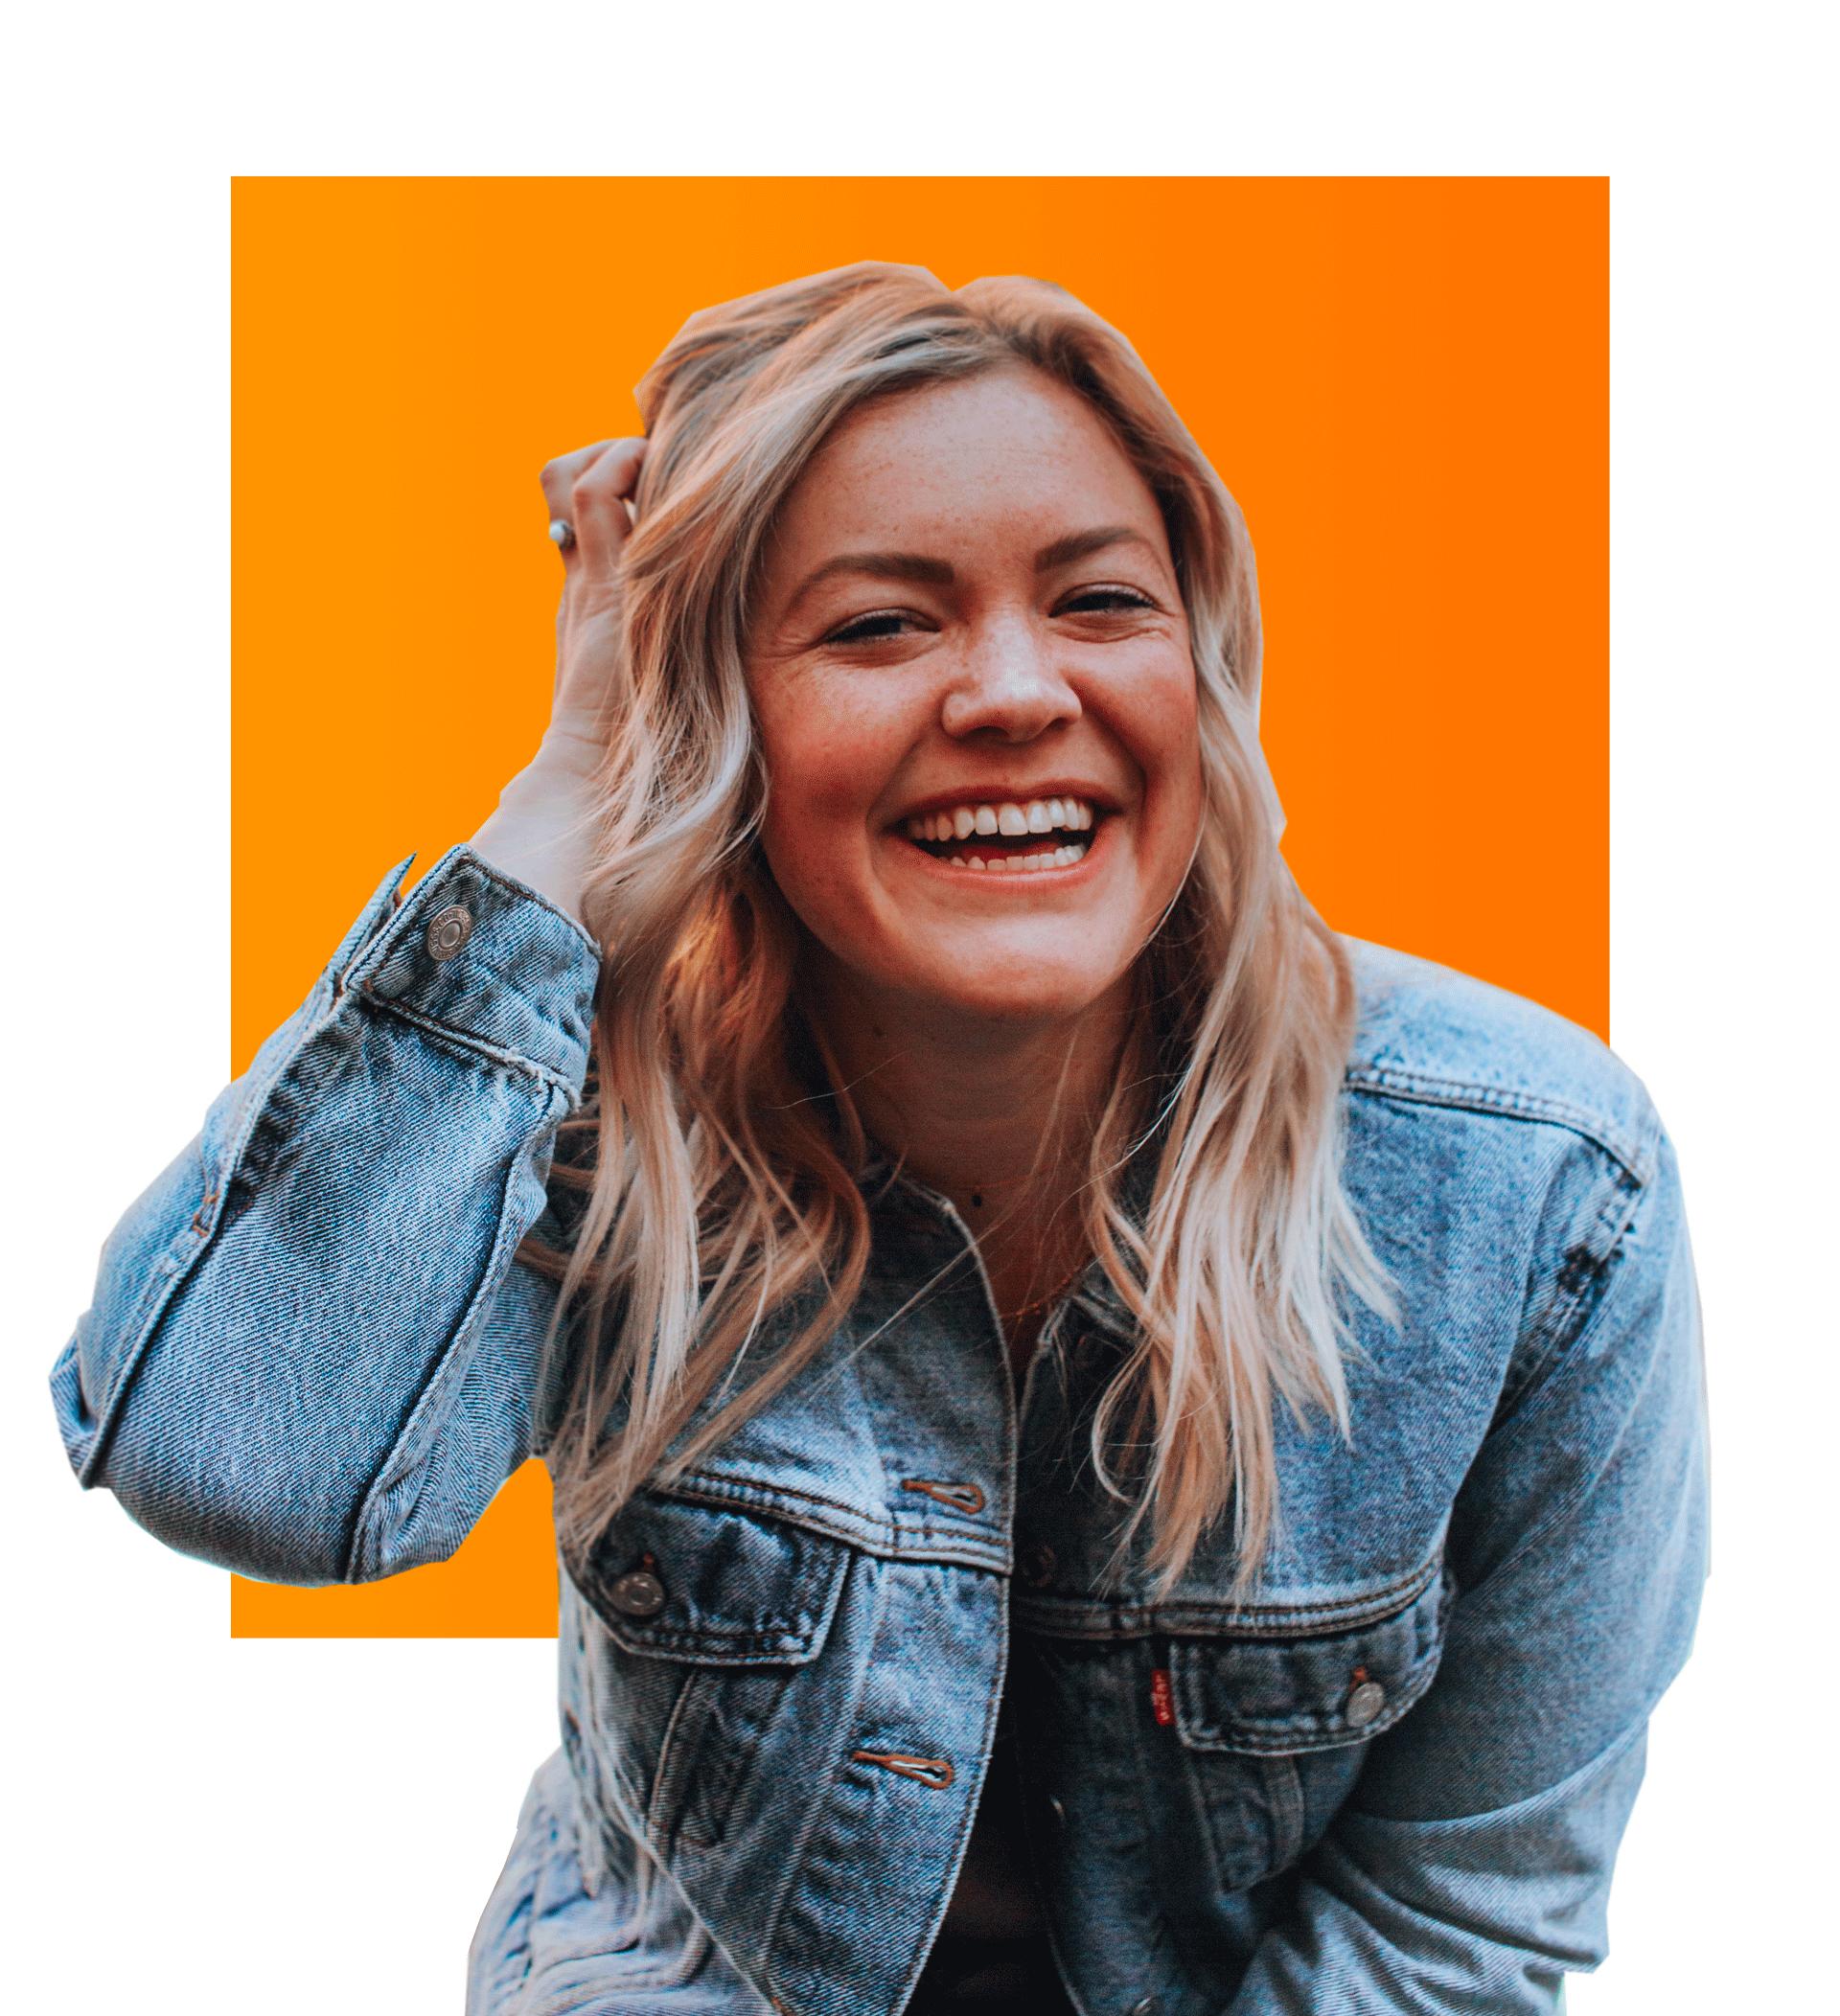 Photo d'une jeune femme souriante